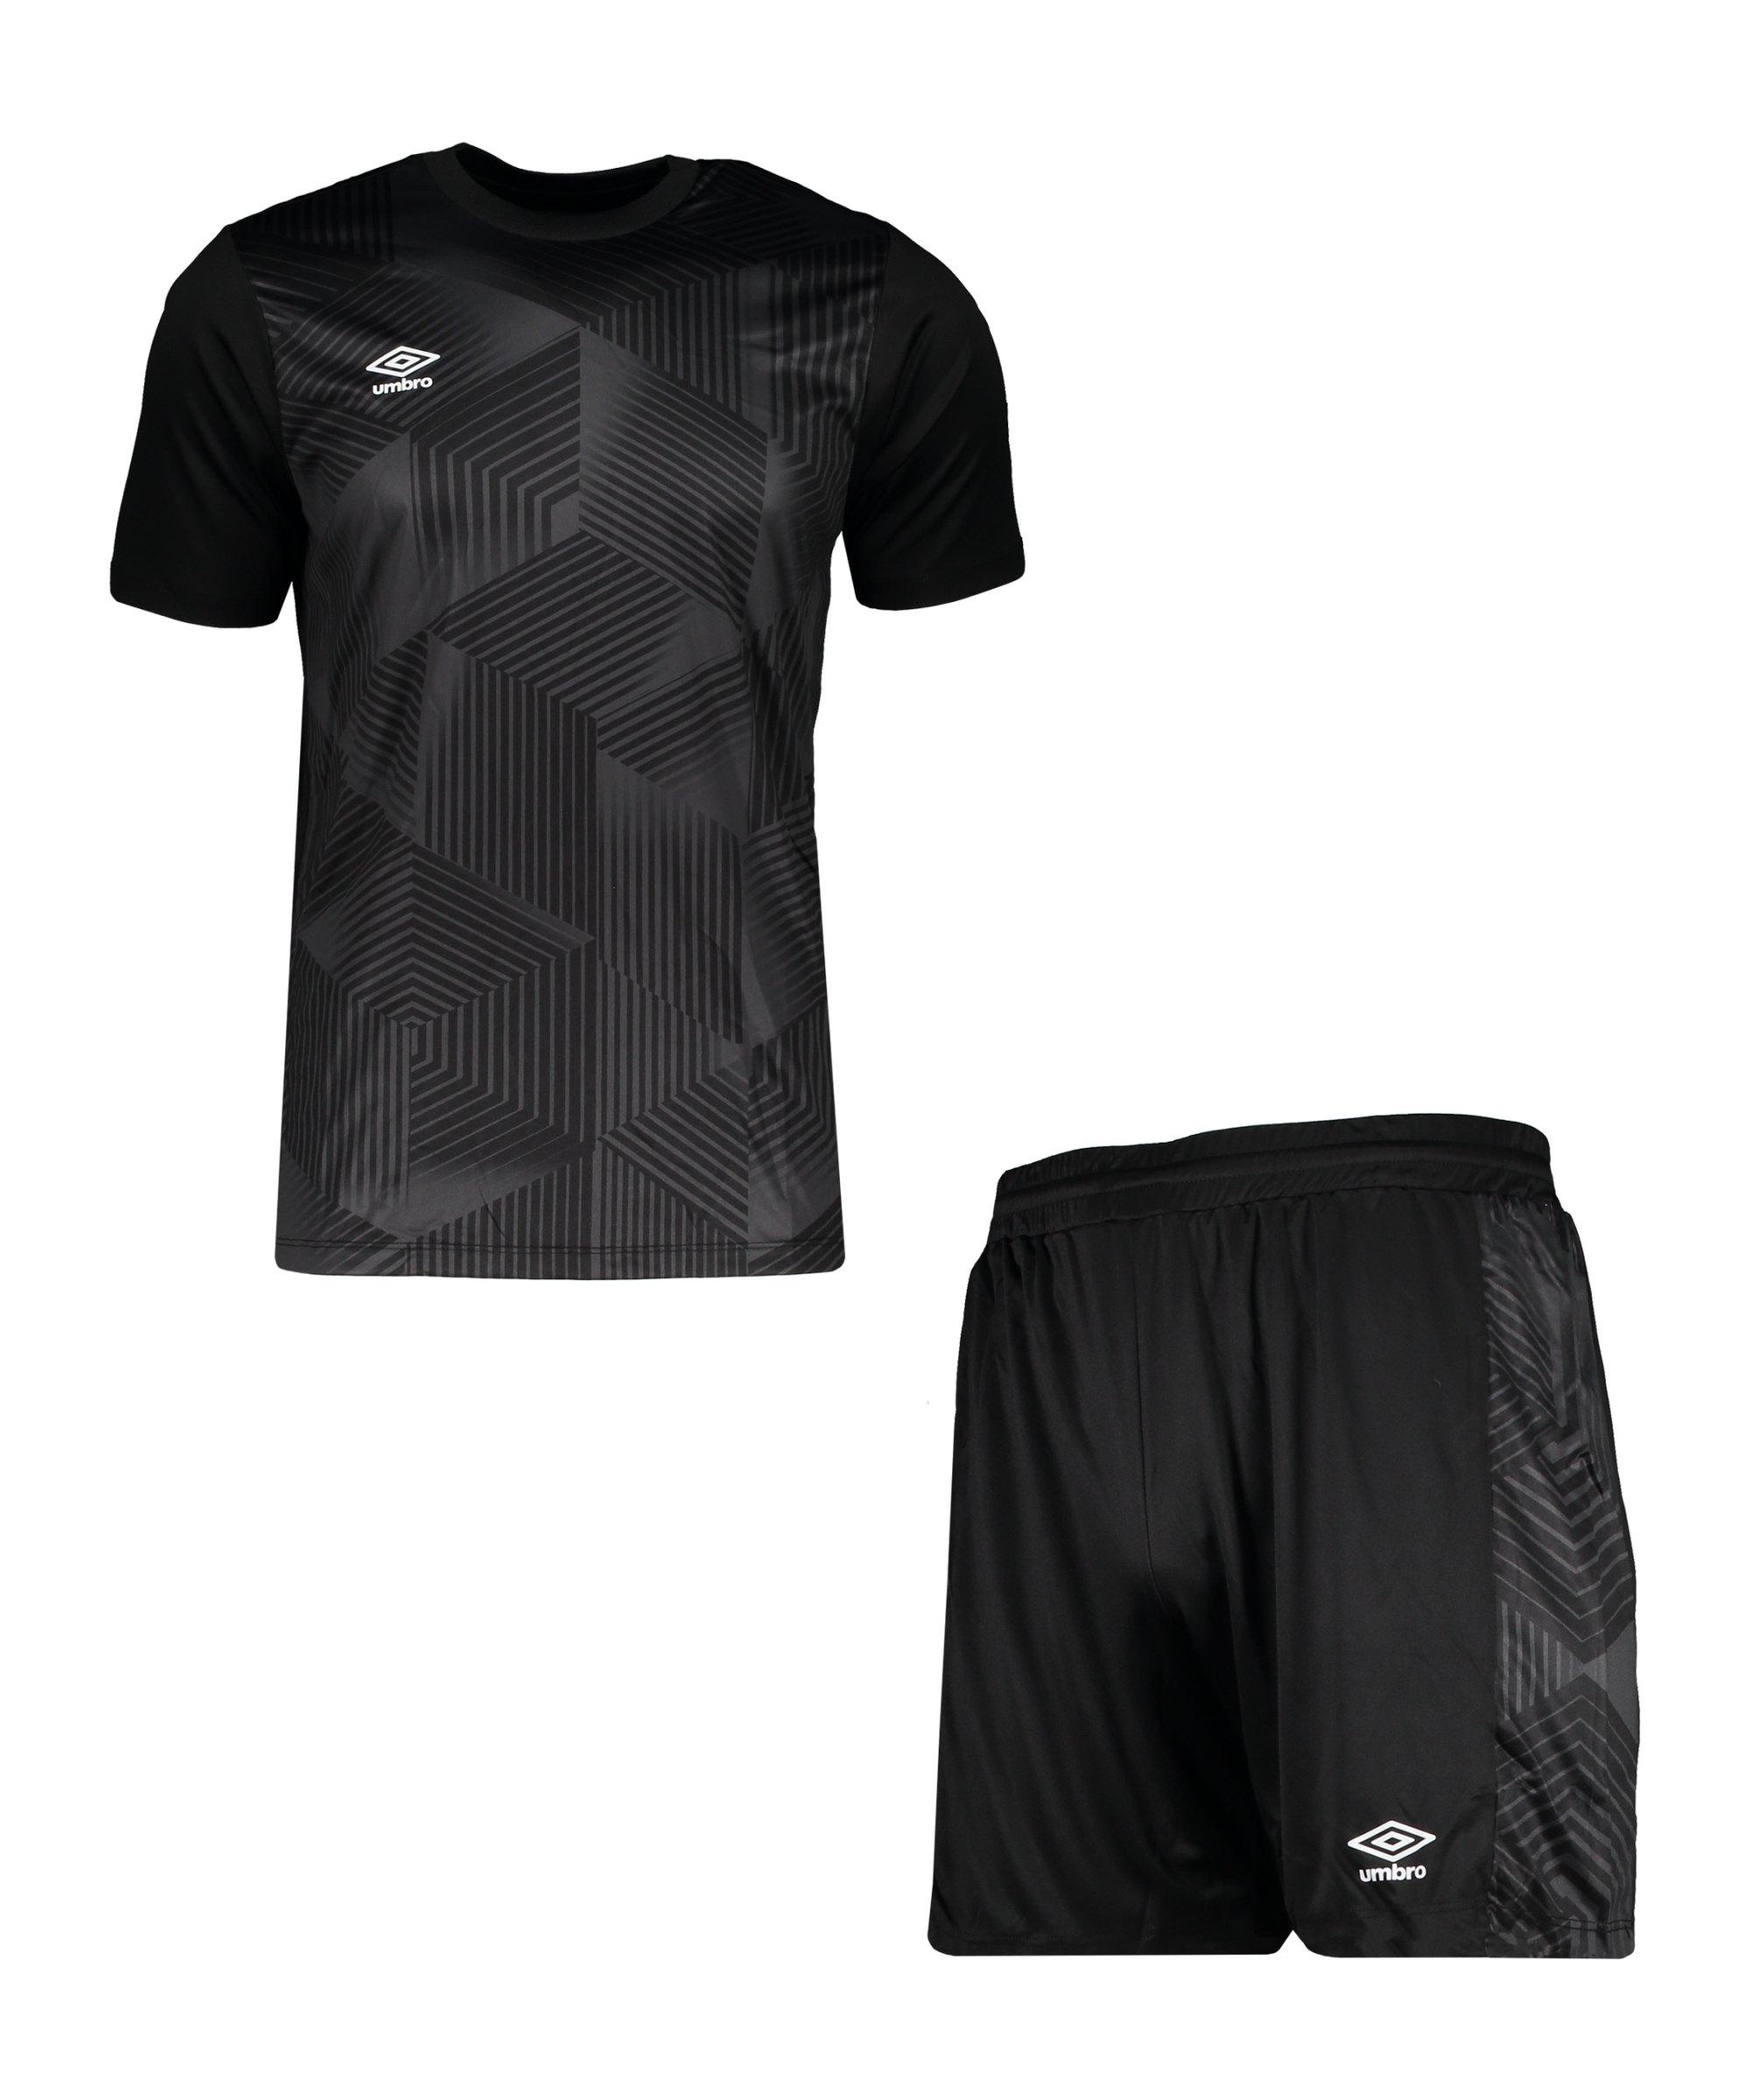 Umbro Maxium Kit Set Schwarz F060 - schwarz